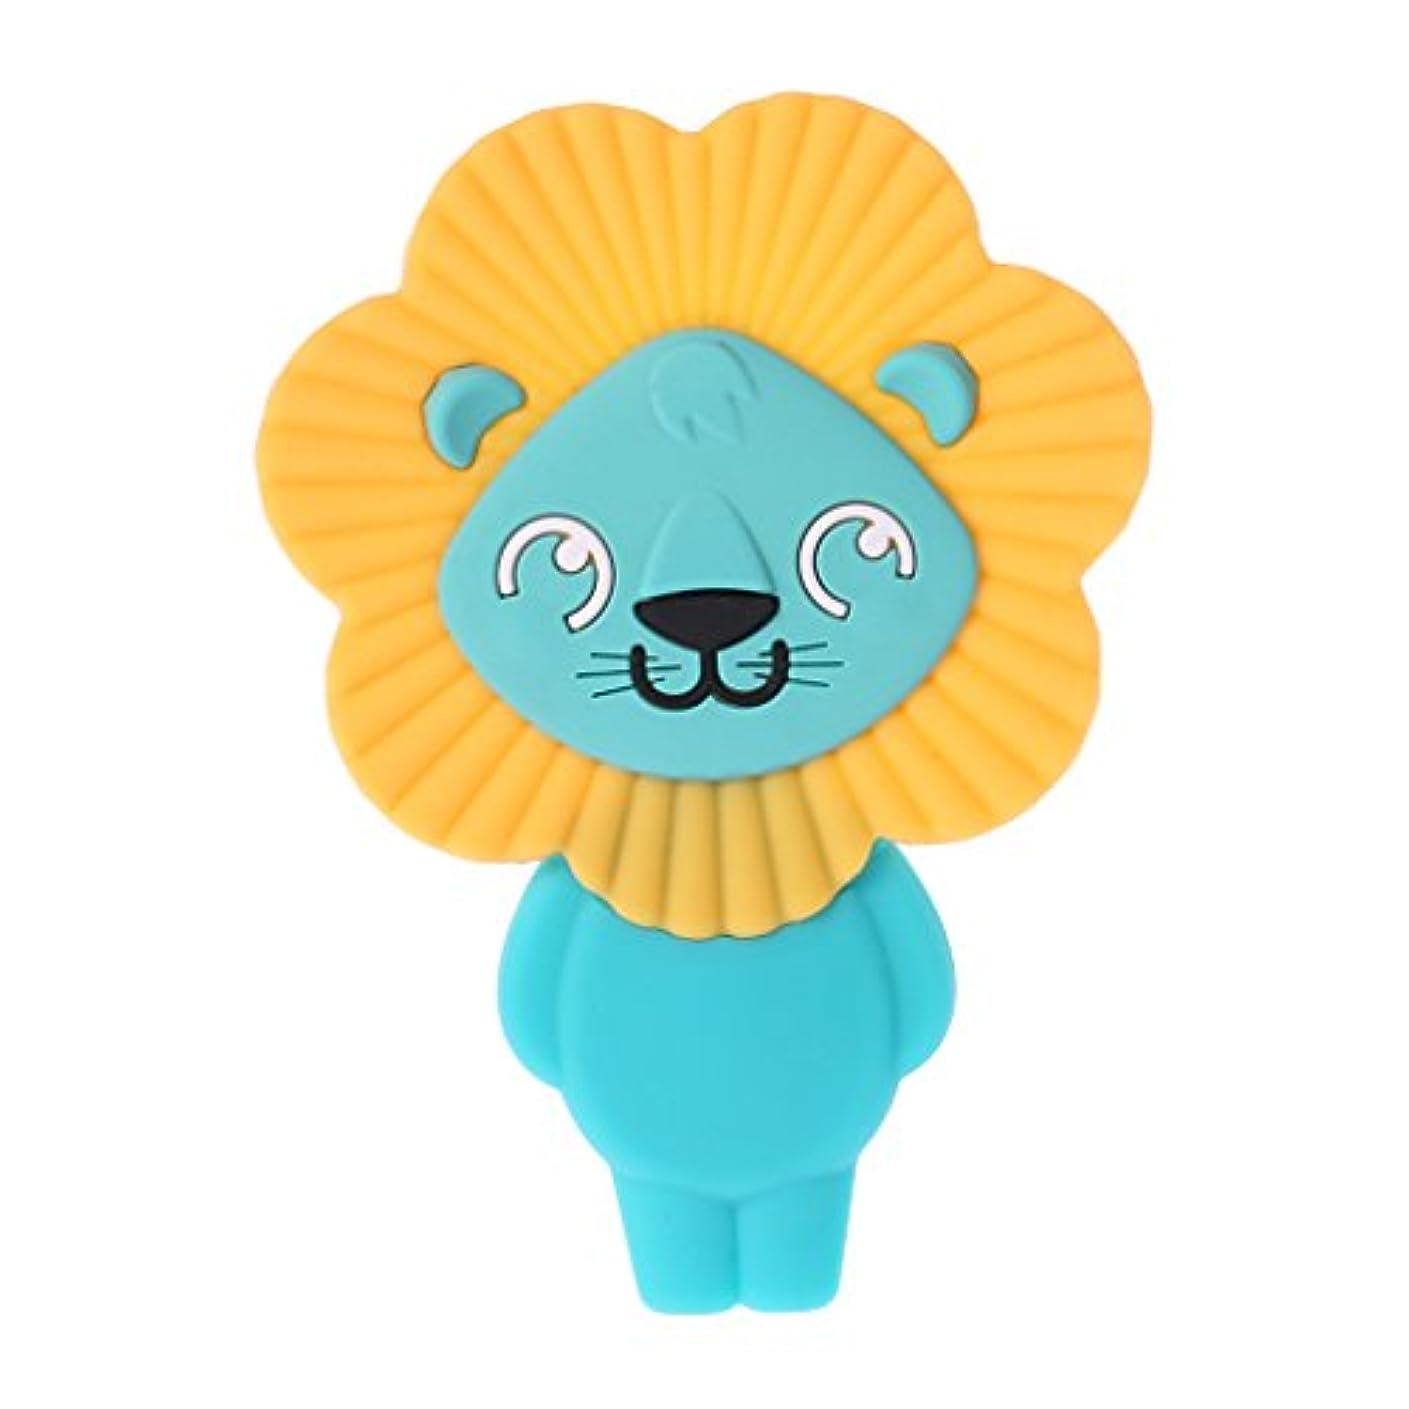 賞賛半ば不忠Landdumシリコーンおしゃぶりかわいいライオンのおしゃぶり赤ちゃん看護玩具かむ玩具歯が生えるガラガラ玩具